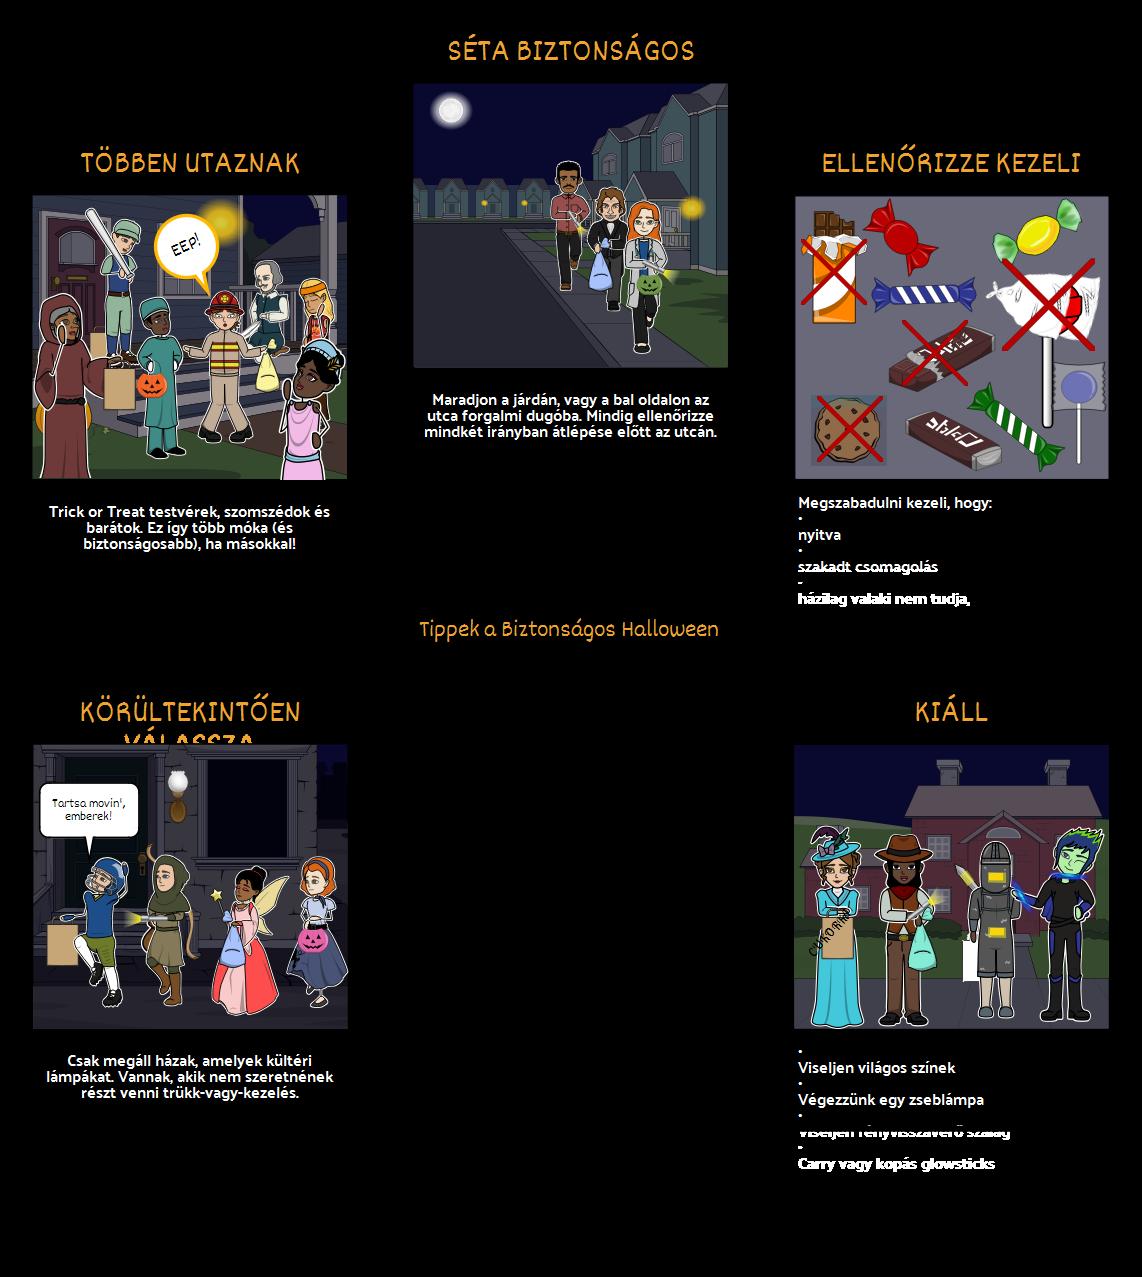 Halloween Tevékenységek - Biztonsági